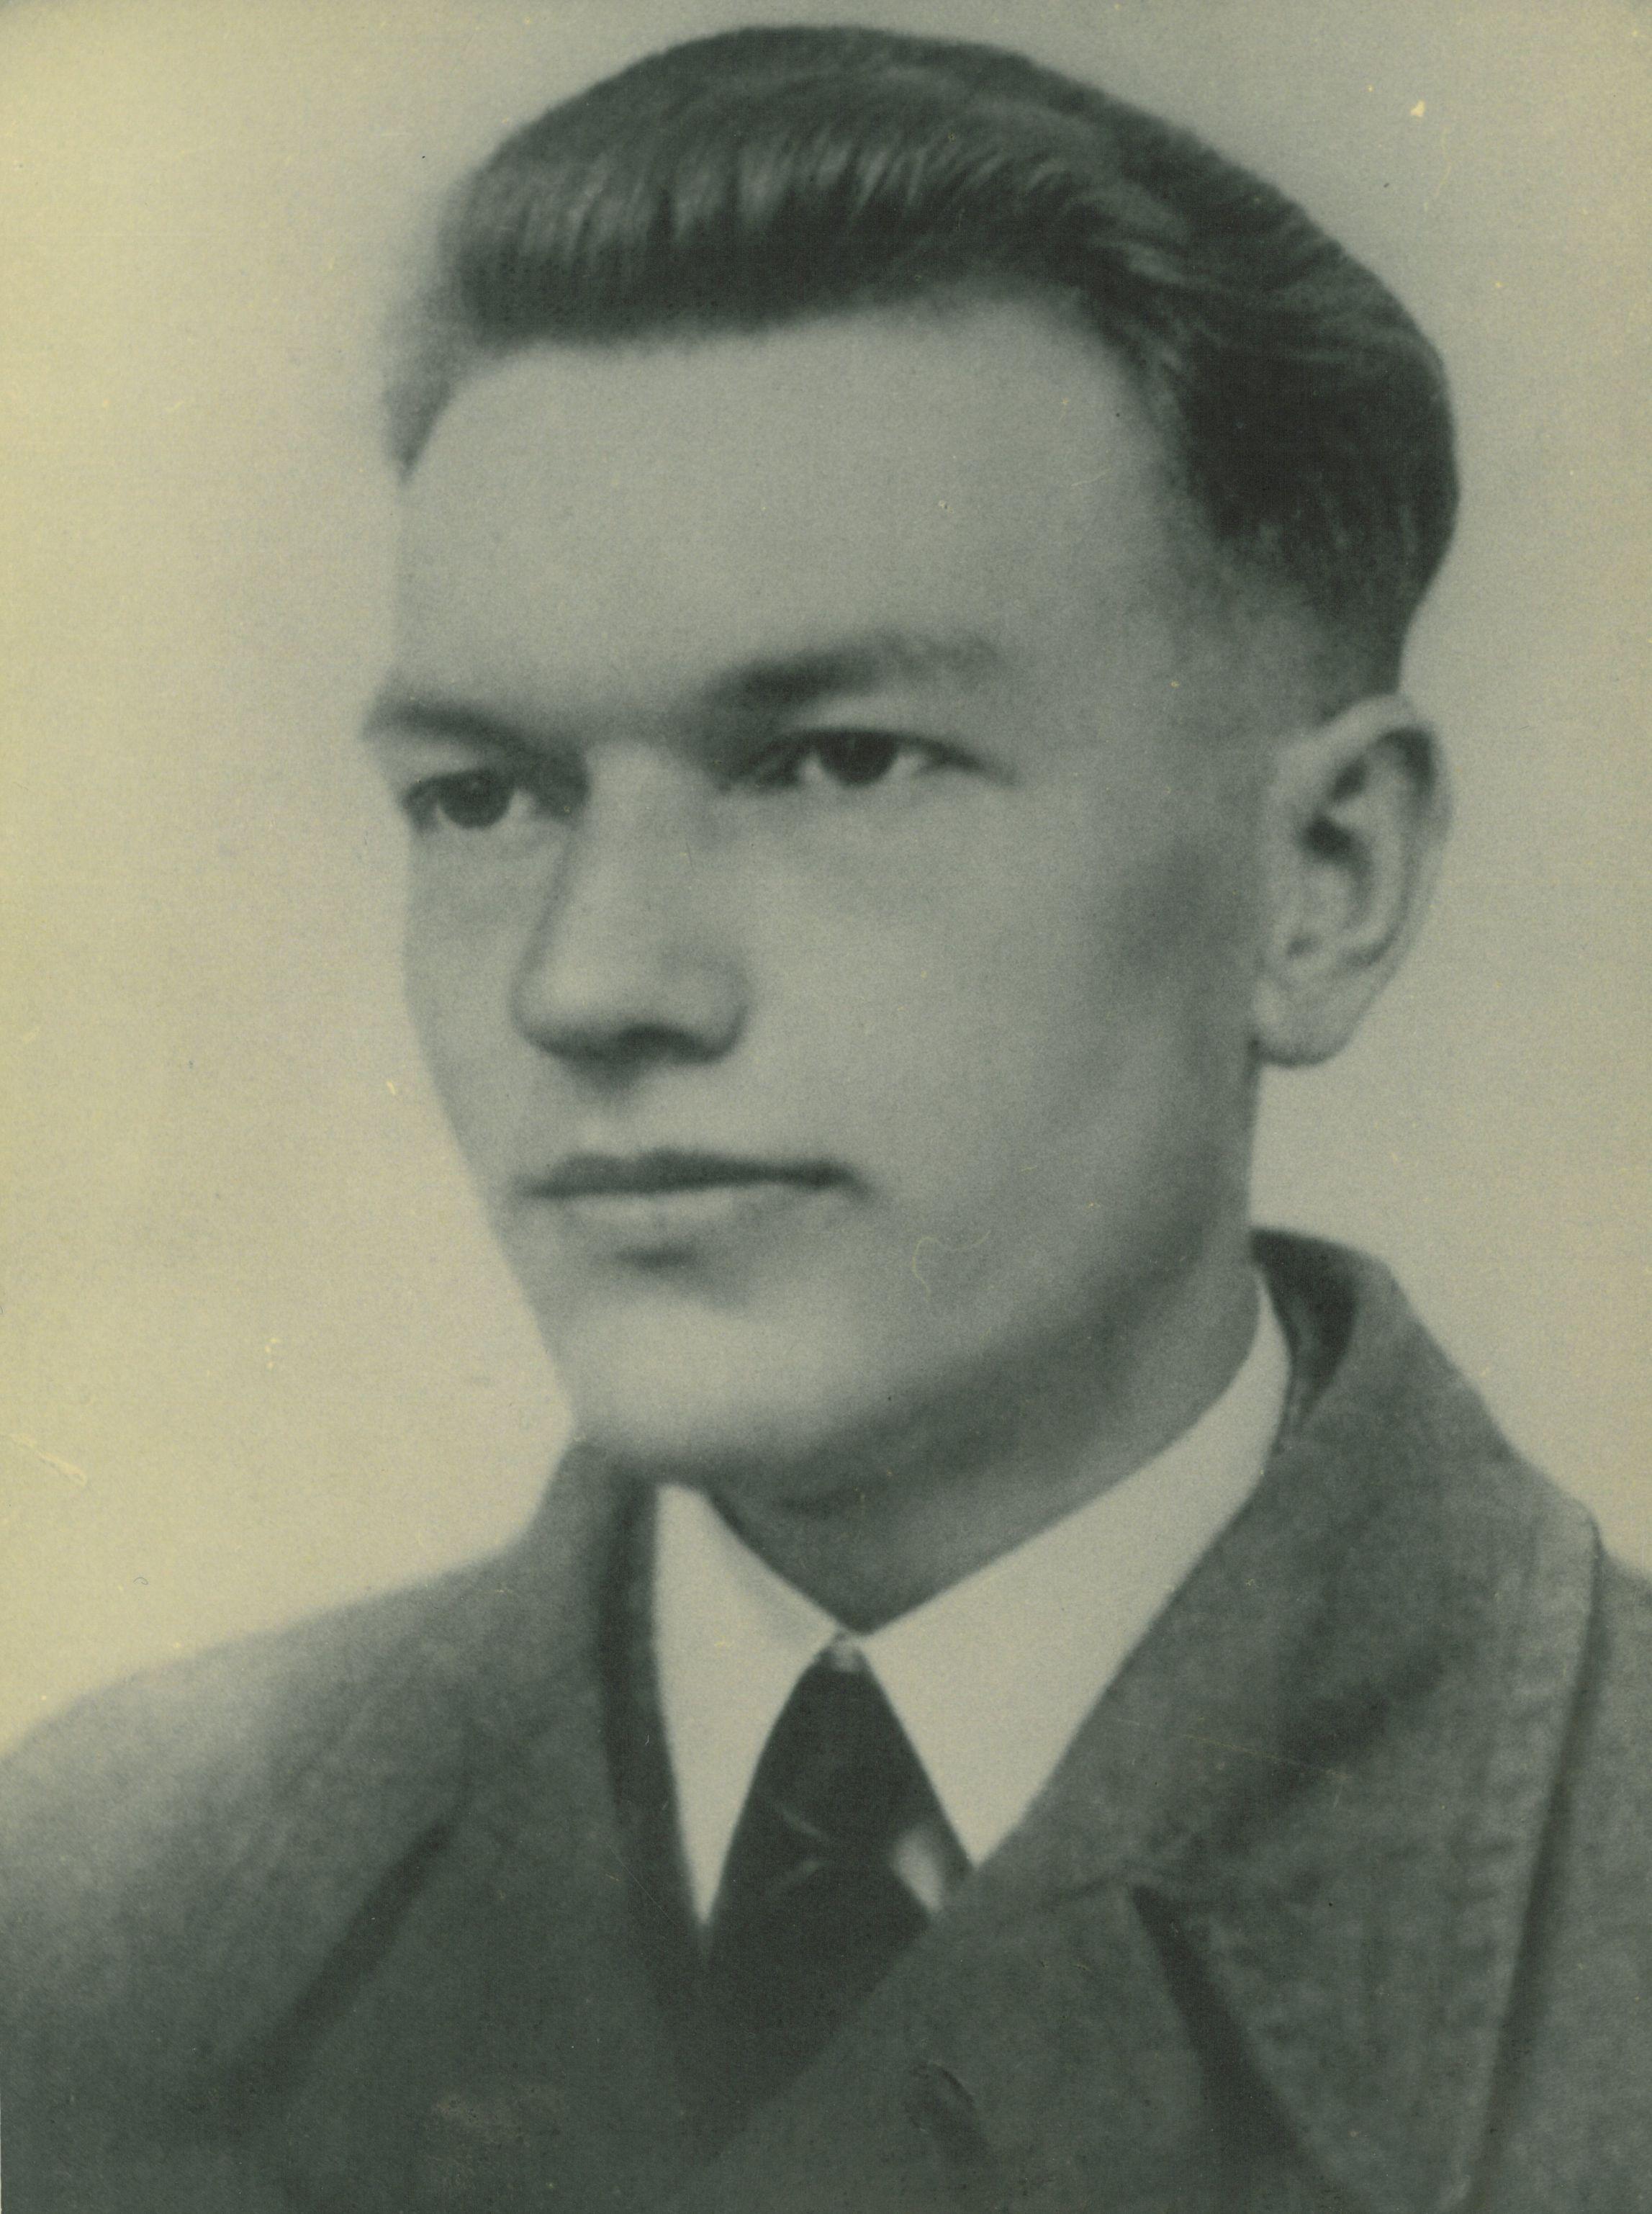 Hendrik Albertus Veurink uit Dalerveen gemeenteambtenaar__gearresteerd in 1942_overleden in Neuengamme